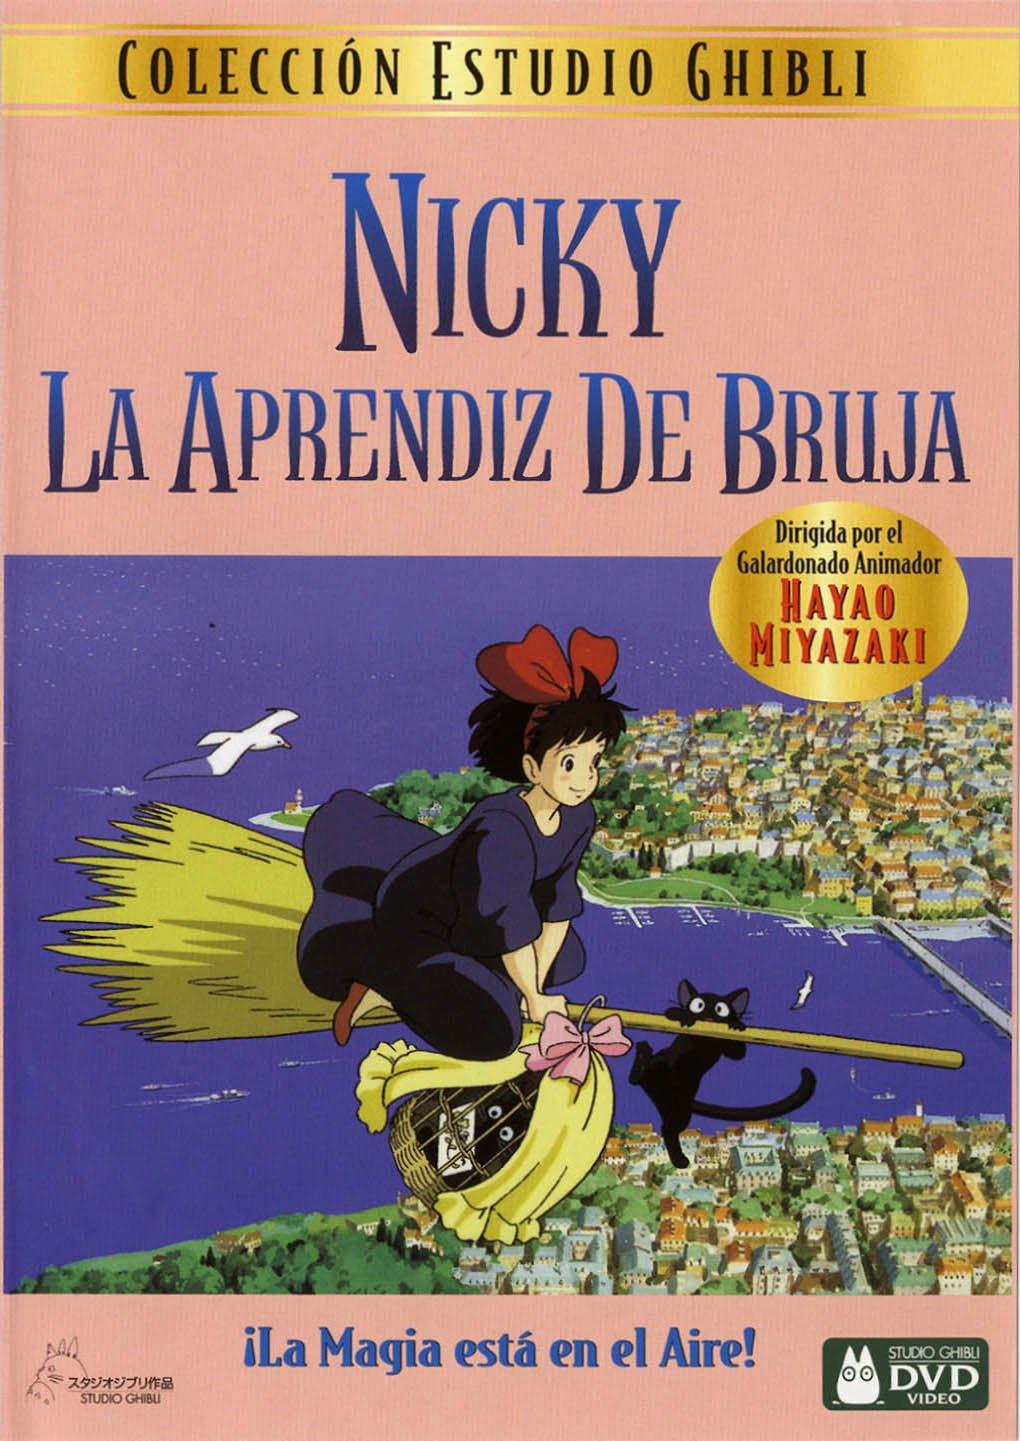 Cartel de Nicky, la aprendiz de bruja